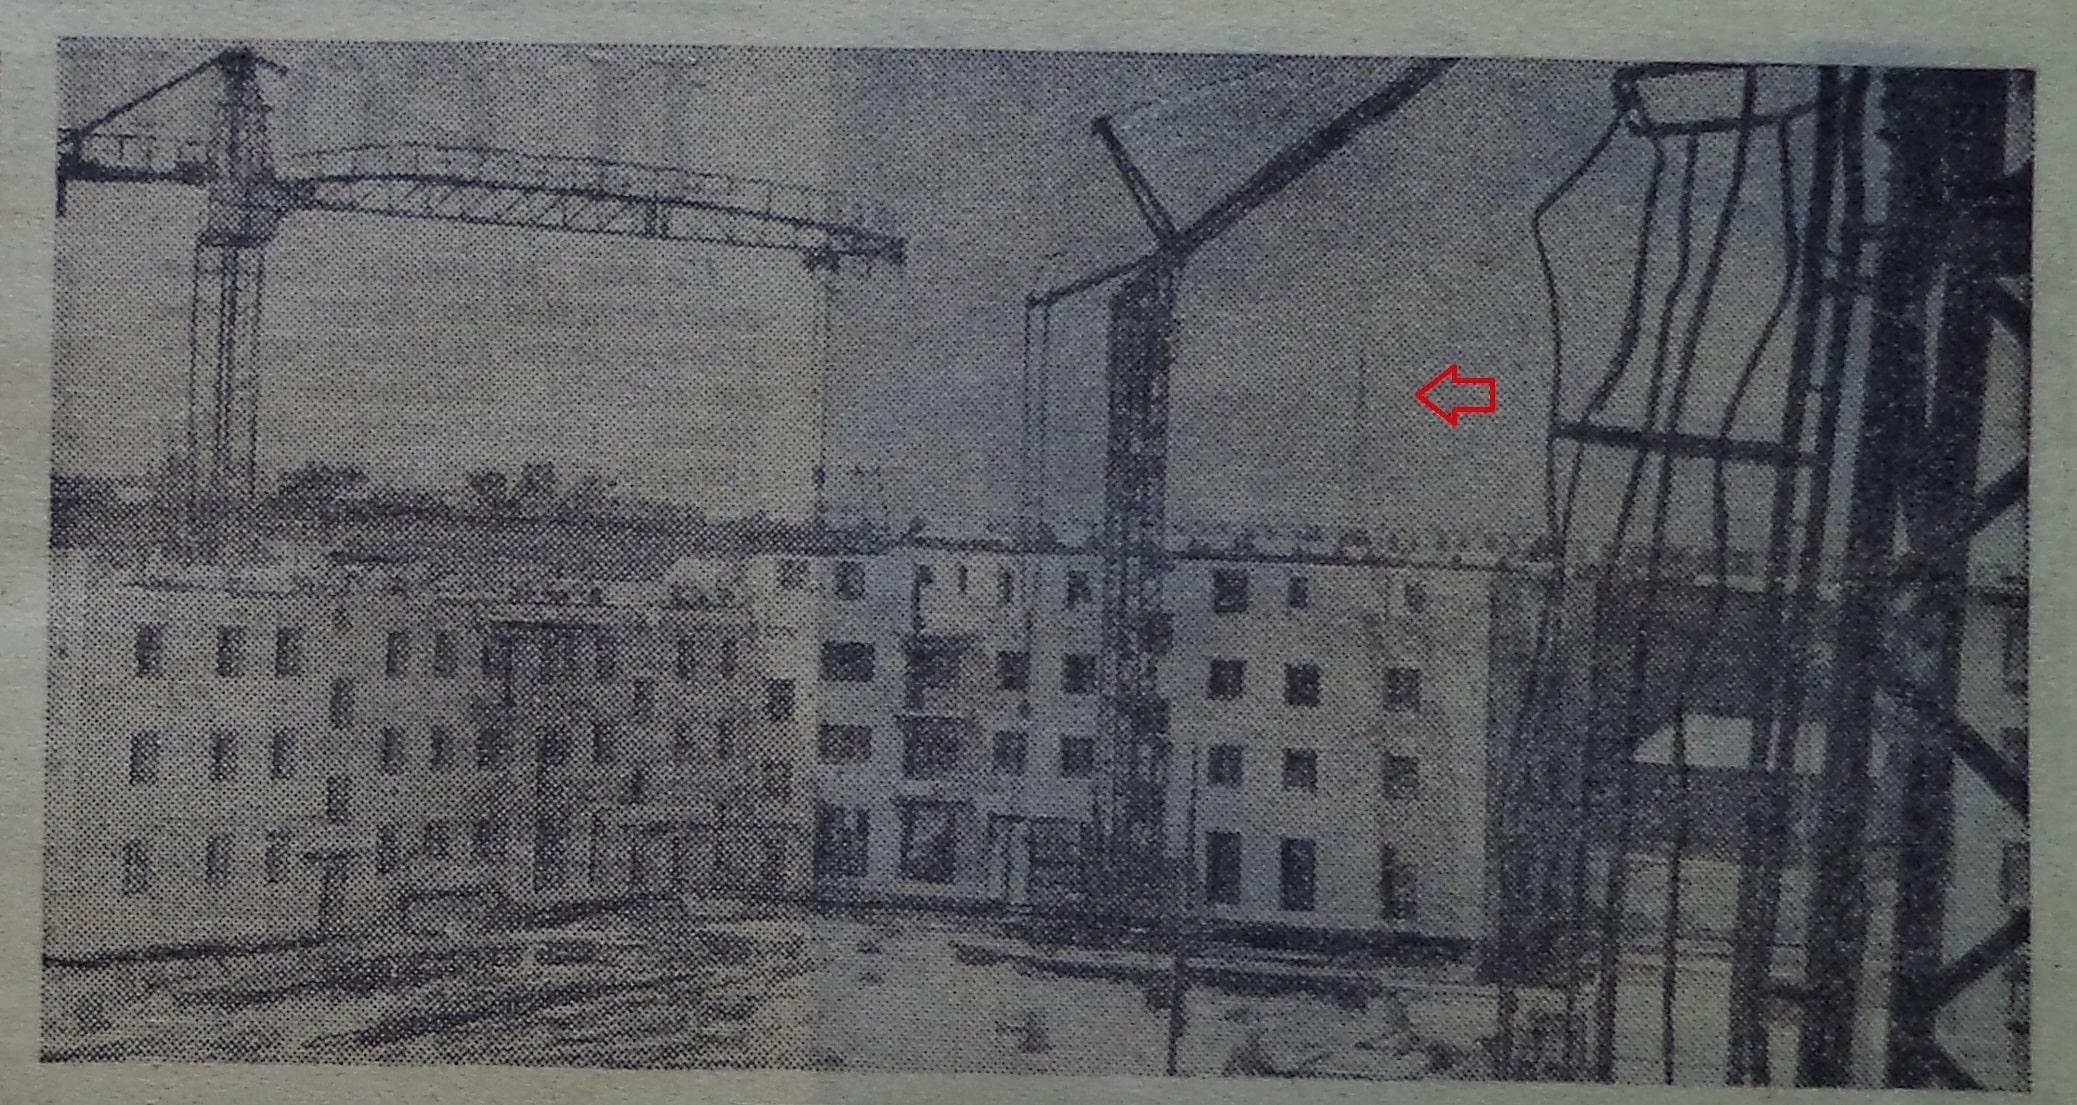 Ставропольская-ФОТО-56-Ленинское Знамя-1968-12 июля-min-min